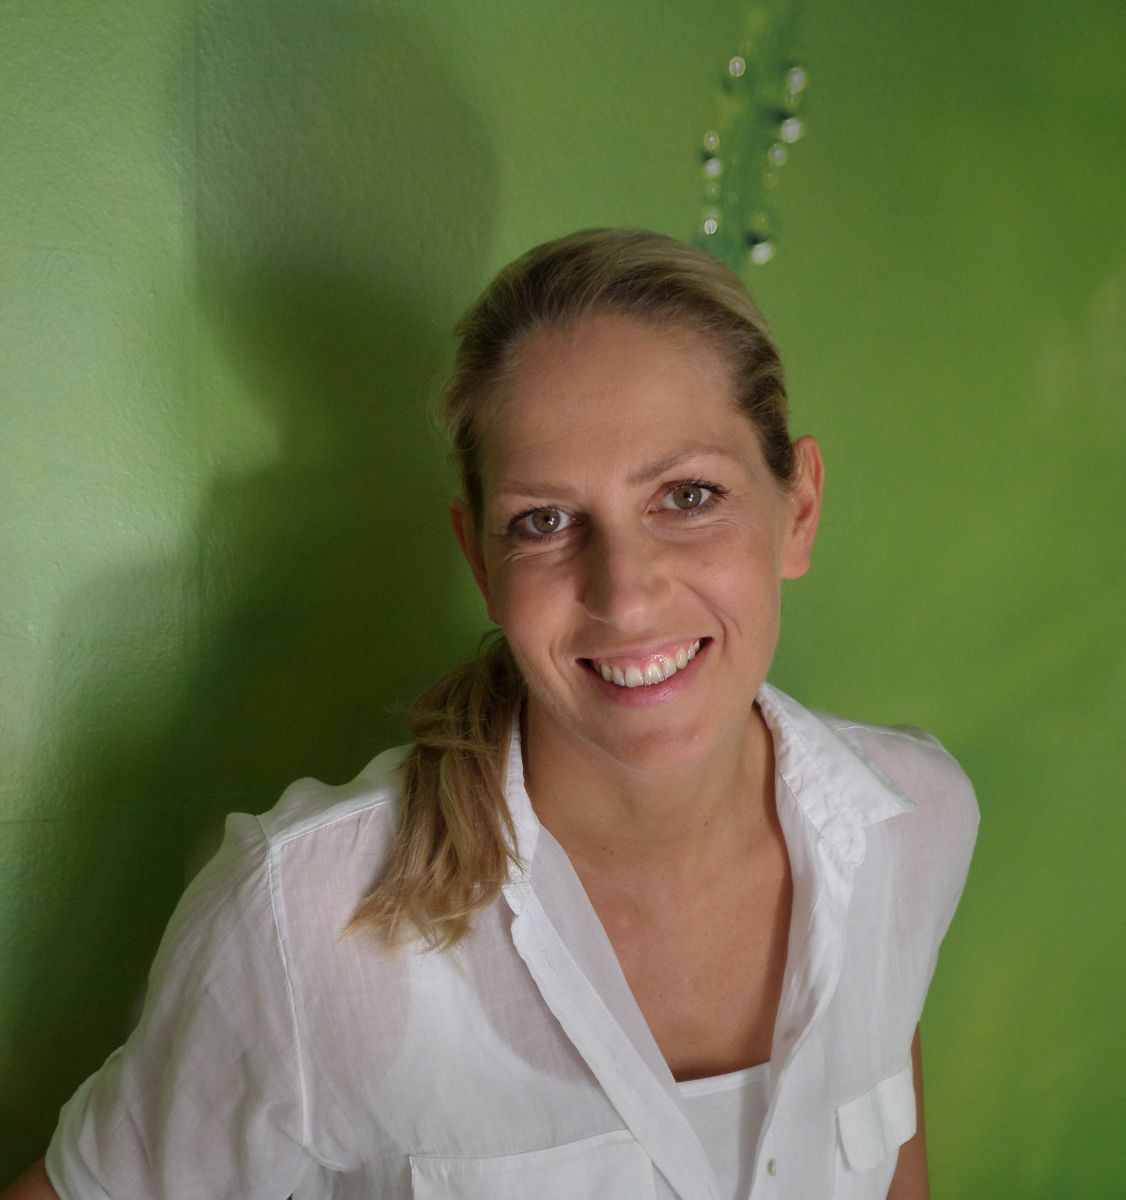 Auf dem Foto lehnt die Schmerz- und Bewegungstherapeutin aus 7053 Hornstein an einer grünen Wand. Katja Mössner lacht in die Kamera und trägt ihre langen blonden Haare zum Zopf, der auf der Schulter abgelegt ist. Sie trägt eine weiße Bluse.